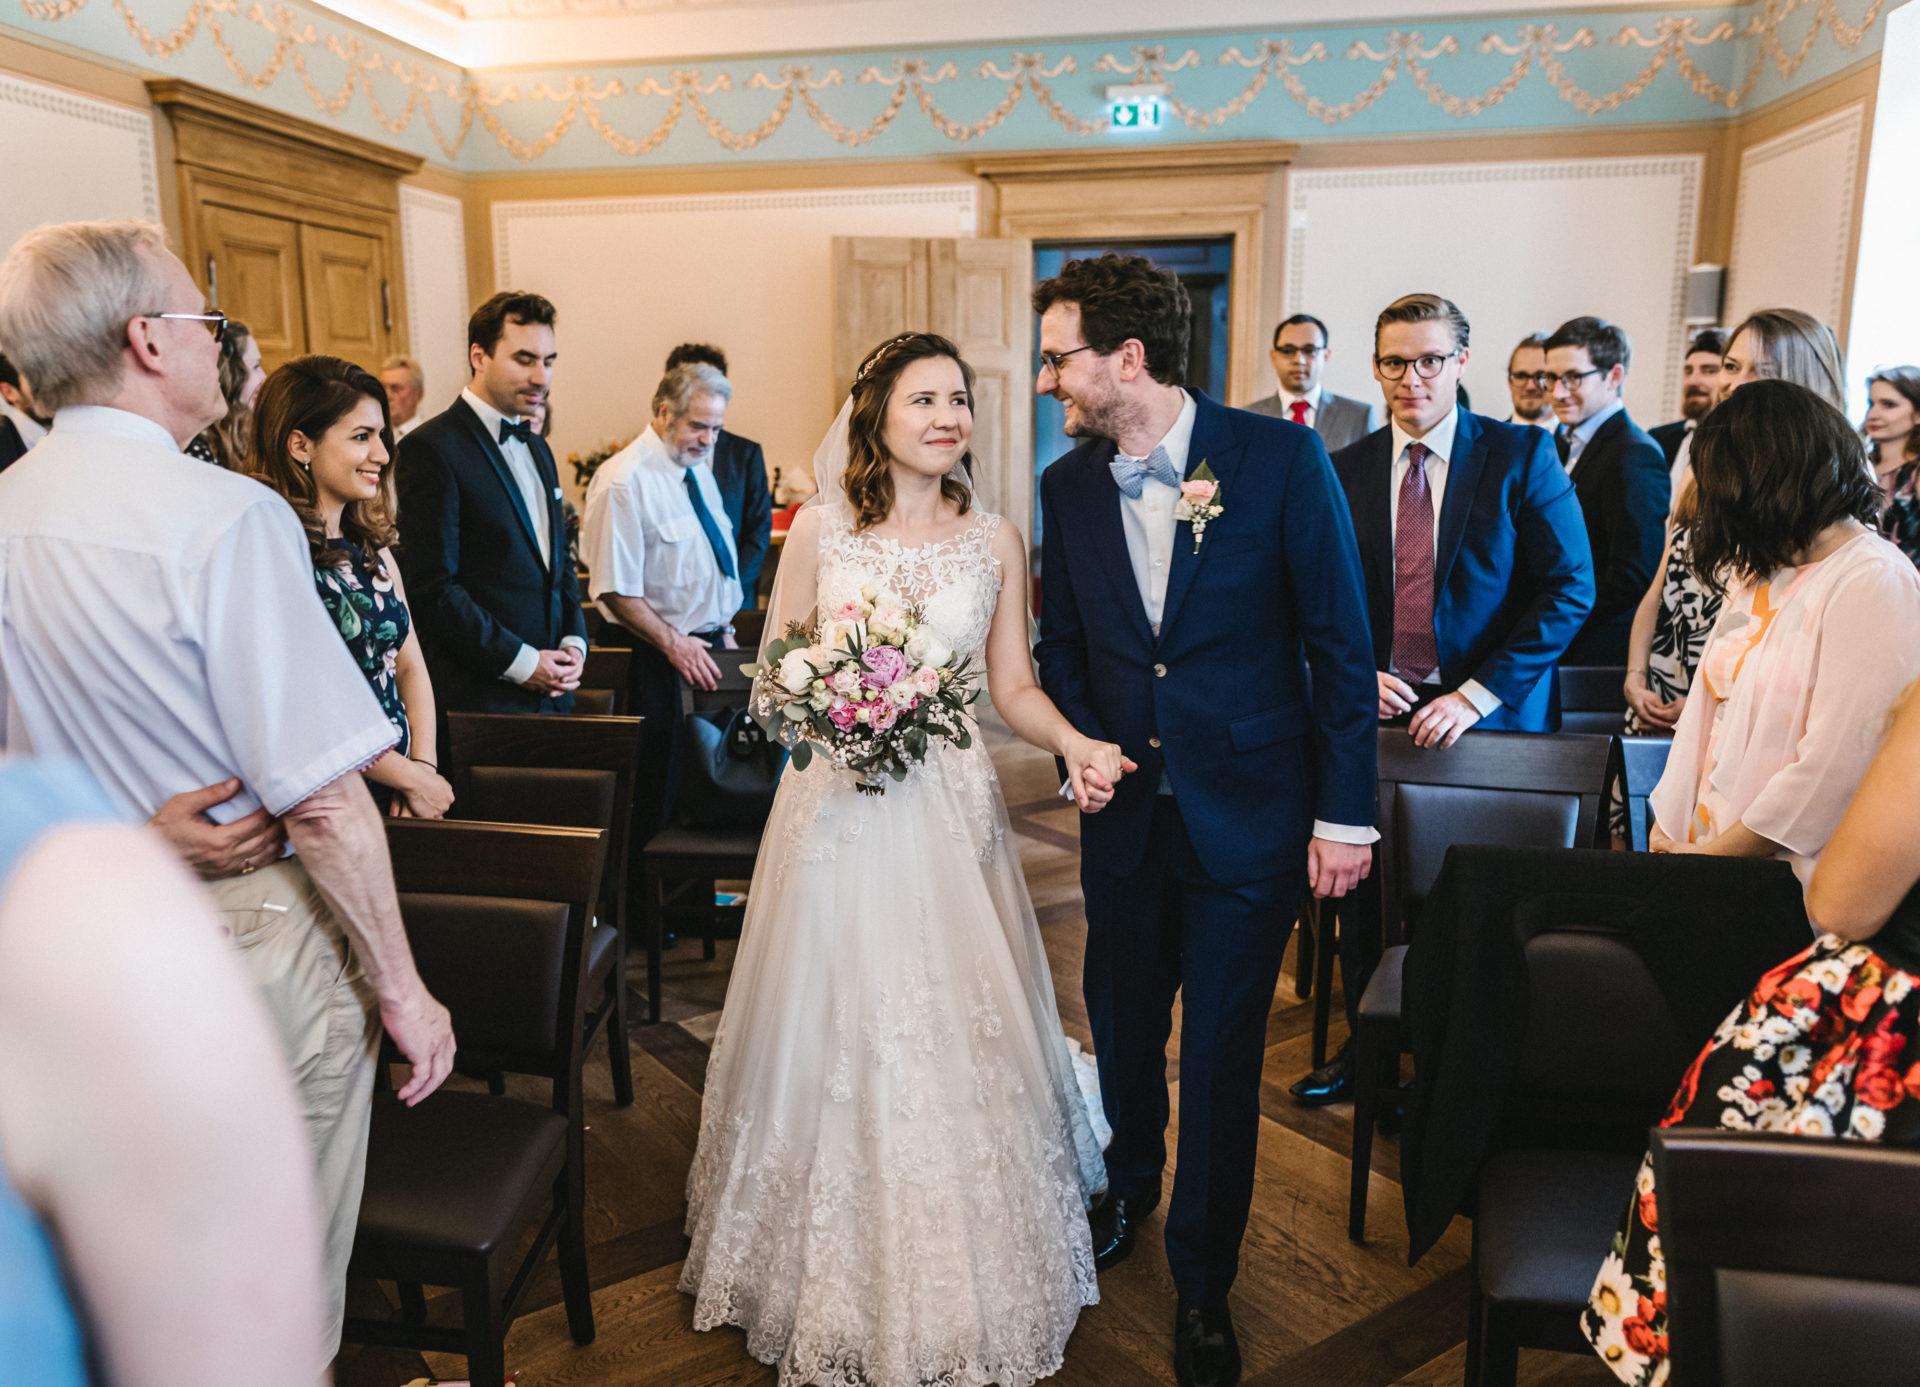 Hochzeitsreportage | Freie Trauung im Herrenhaus Möckern in Leipzig | 11